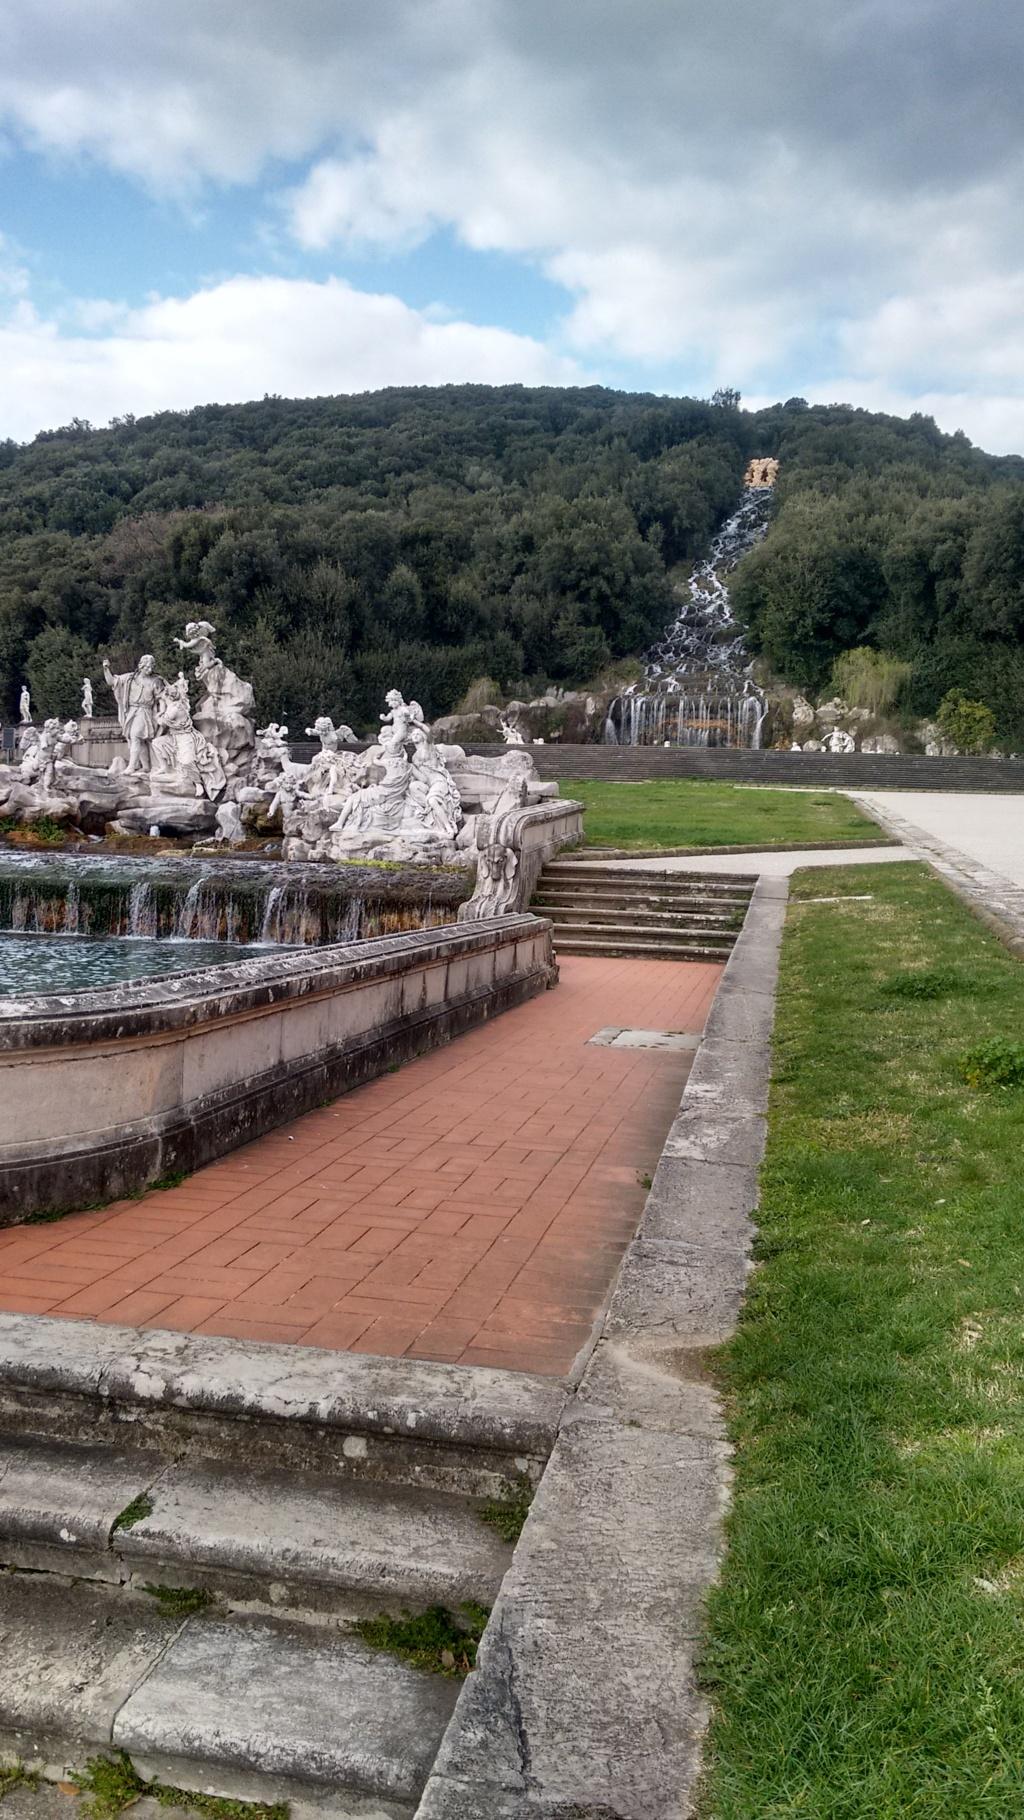 Nei giardini della reggia di caserta lipu e cfs per le rondini lipu benevento - Giardini reggia di caserta ...